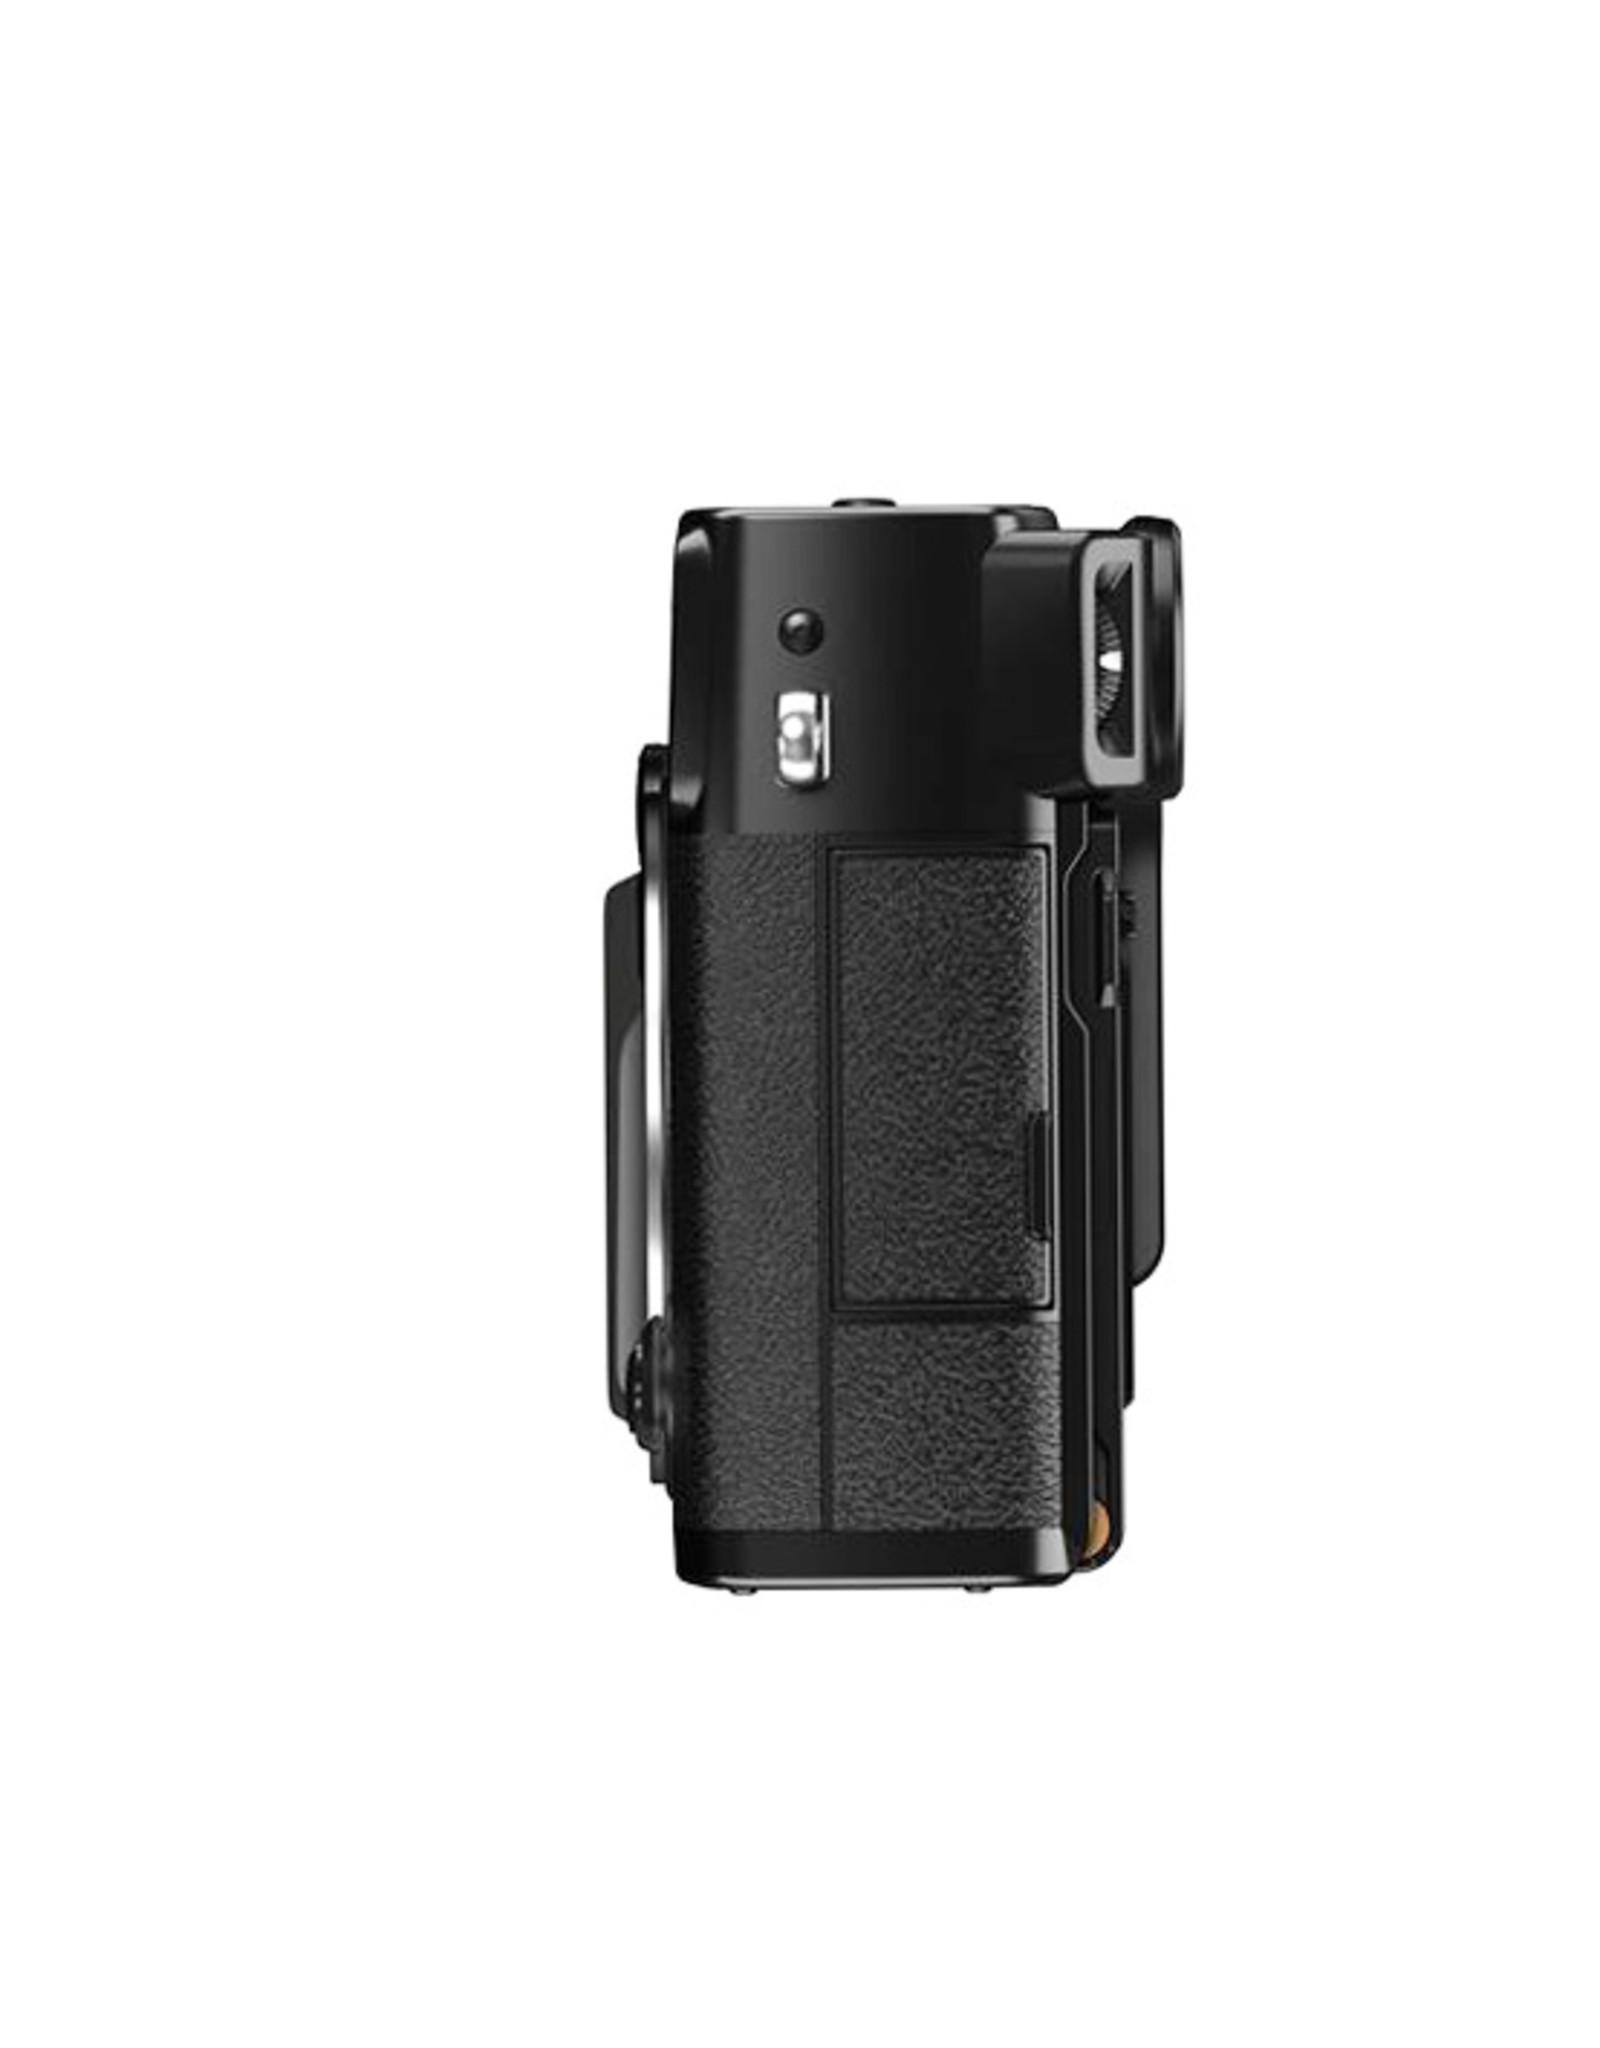 Fujifilm Fujifilm X-Pro 3 Black   16641090